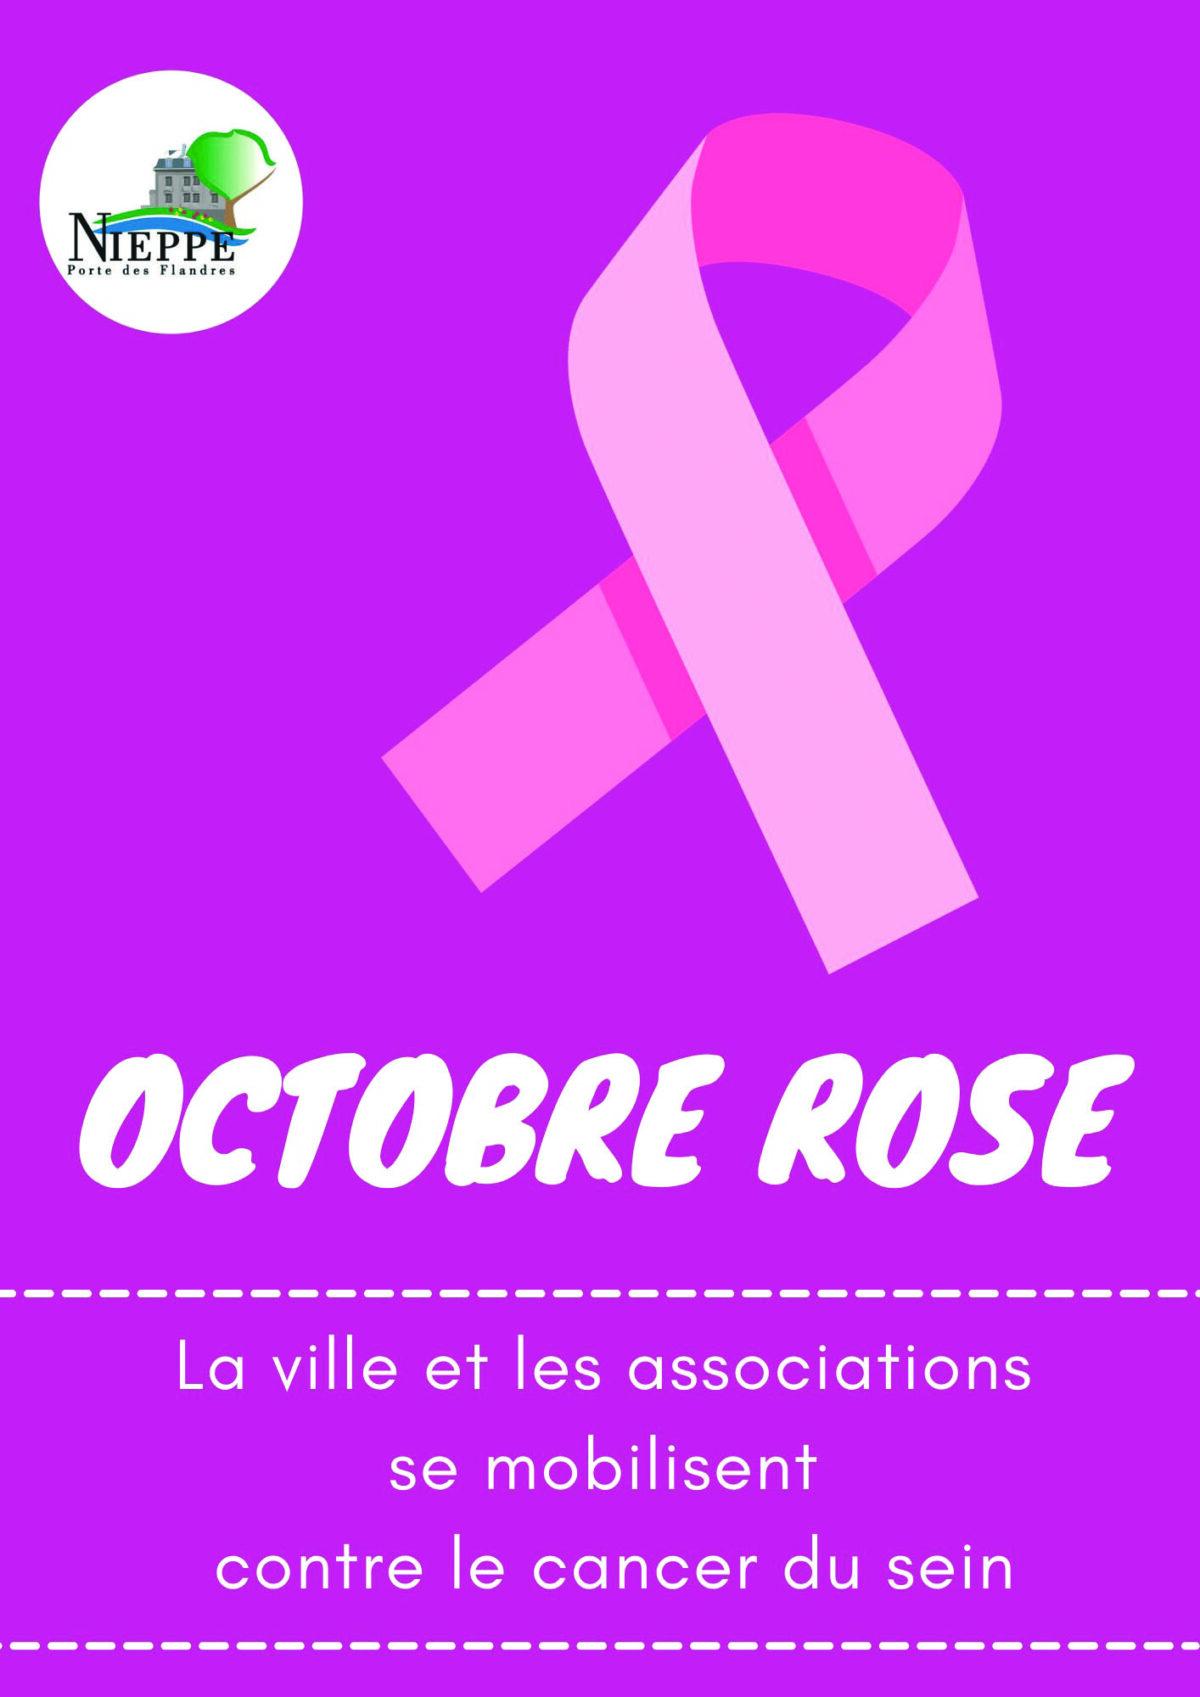 Octobre rose à Nieppe